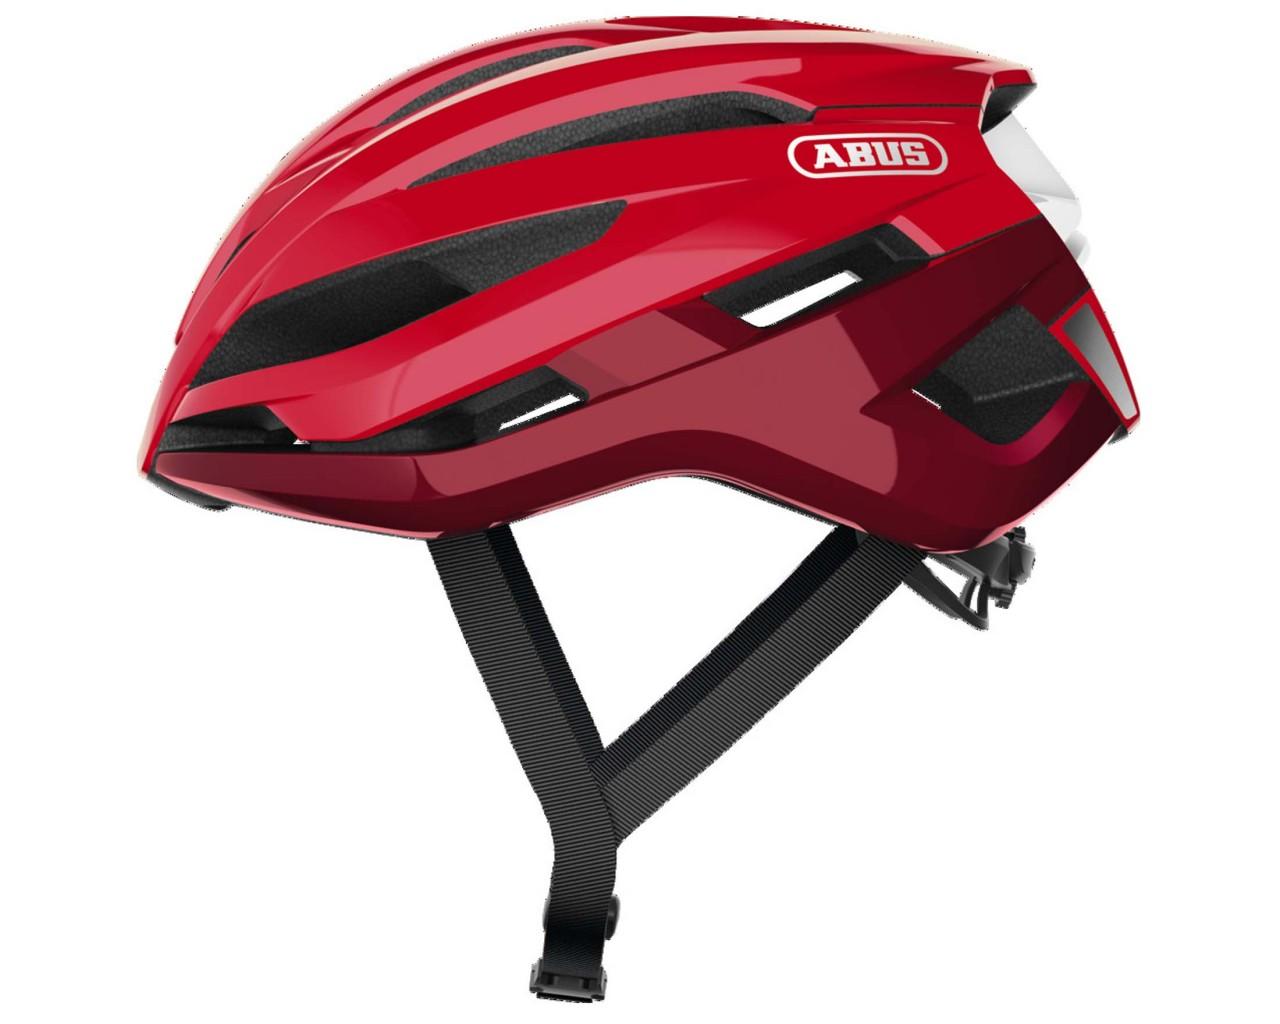 Abus StormChaser Road Bike Helmet | blaze red